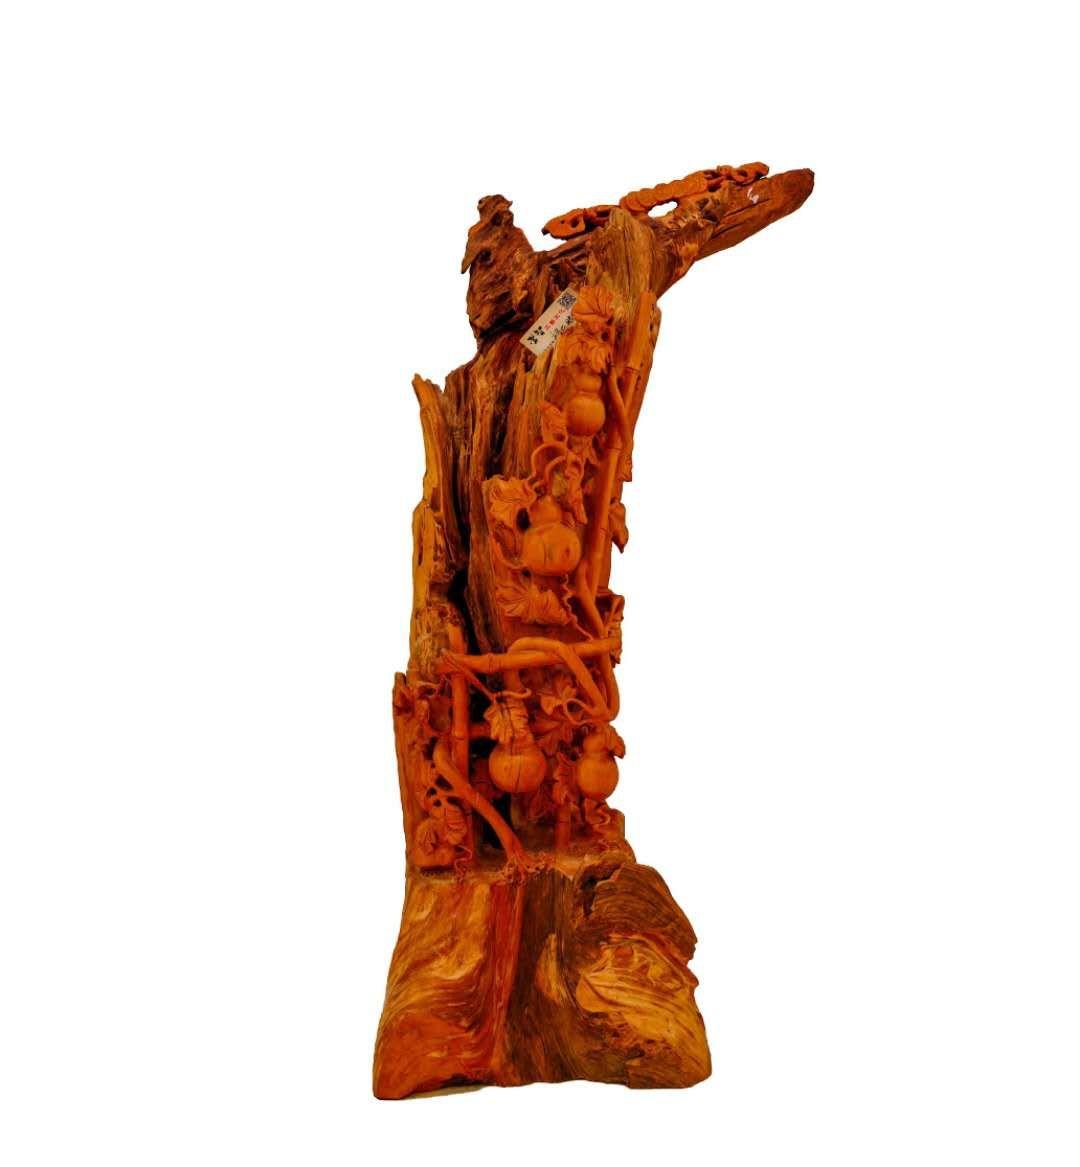 根雕收藏品如何保养,根雕保养的方法